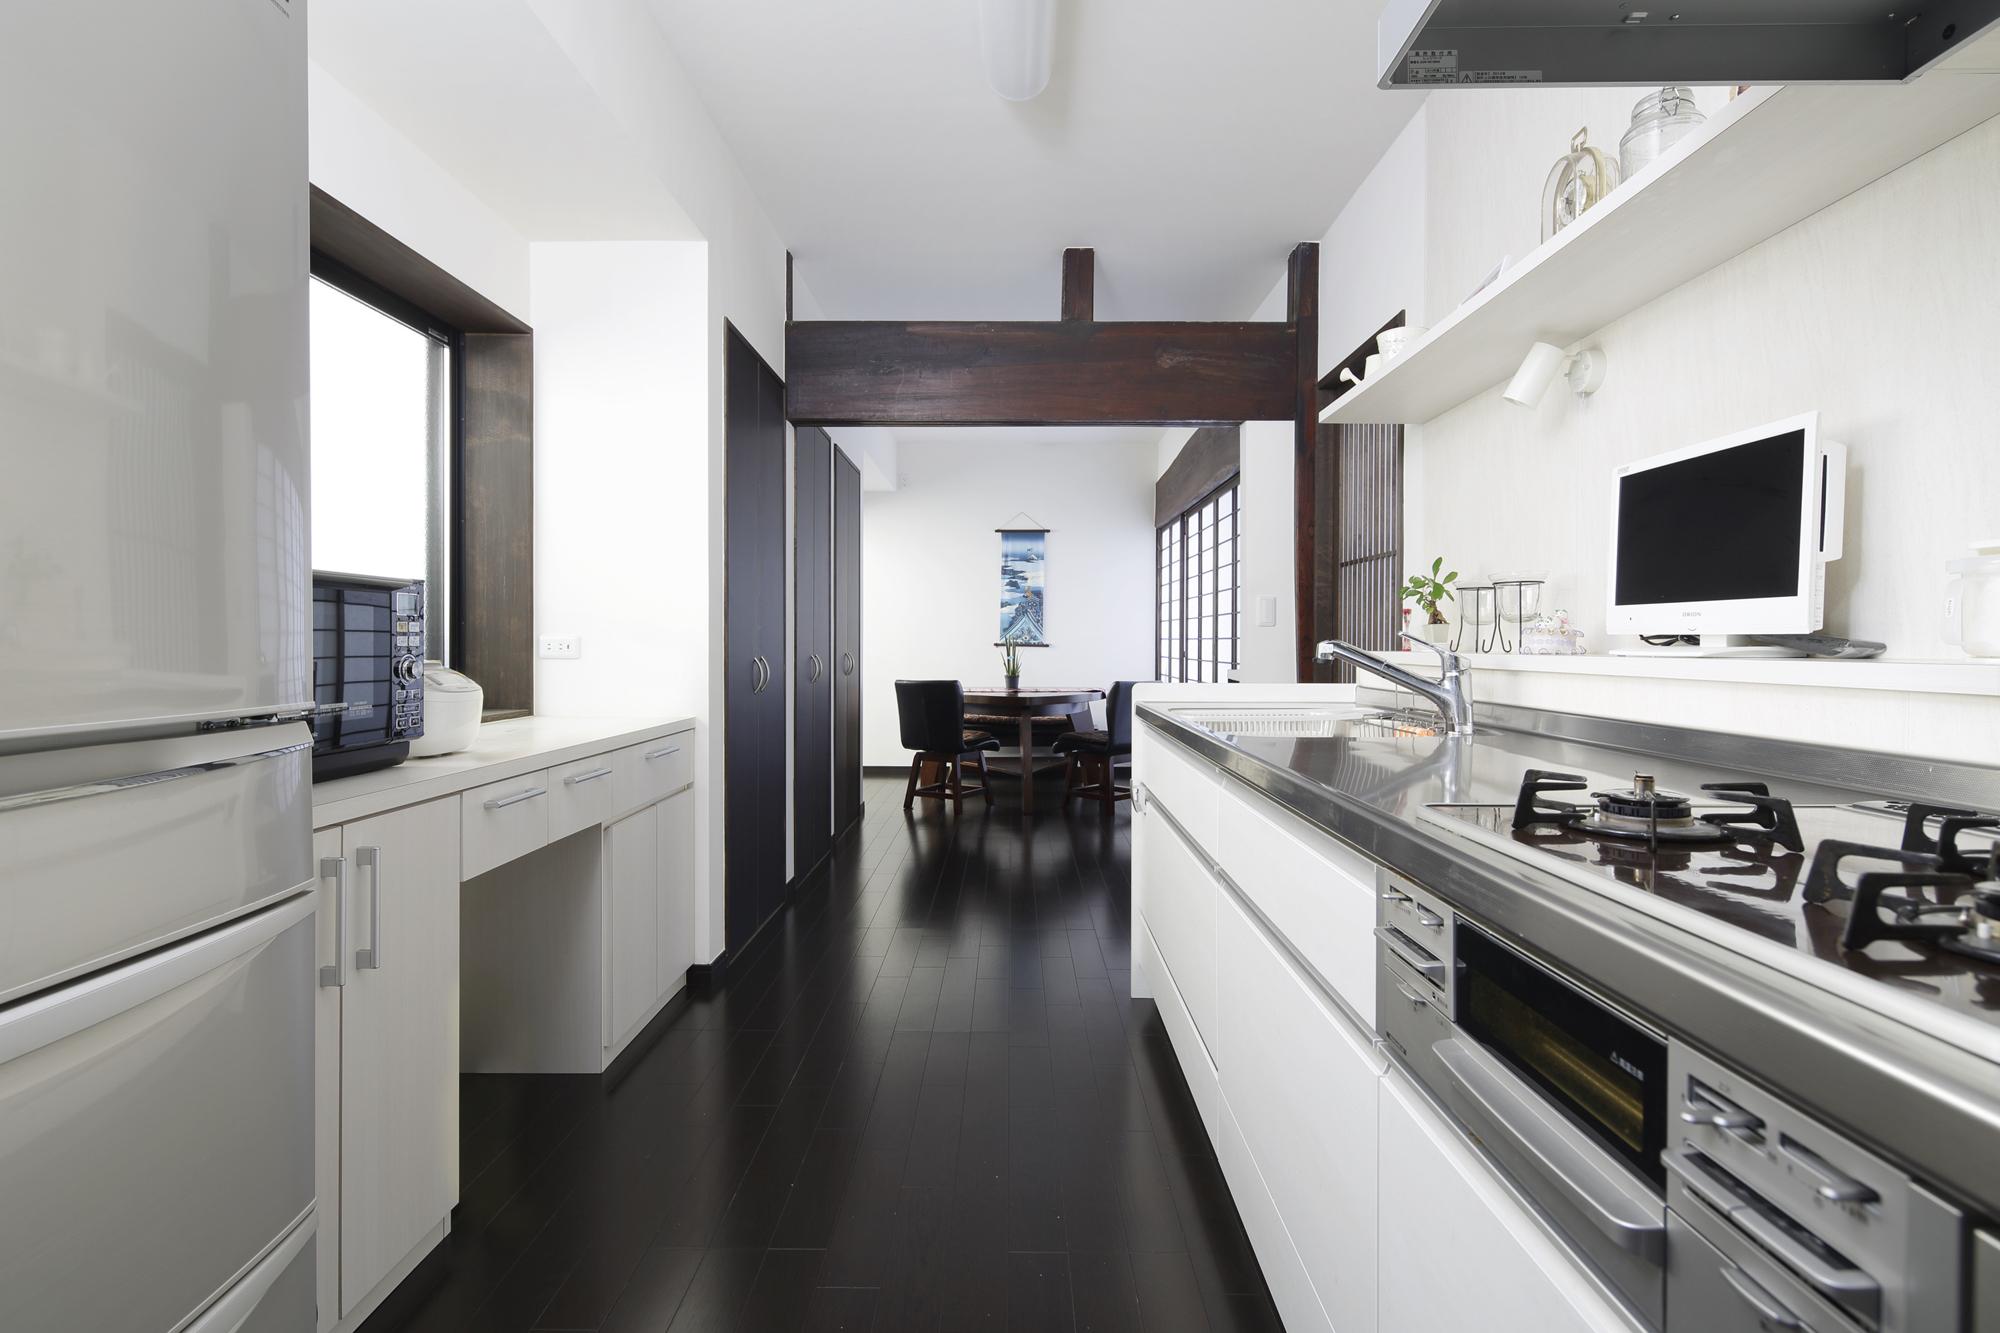 キッチンを窓側から移動し、正面の壁に棚を設置。の写真